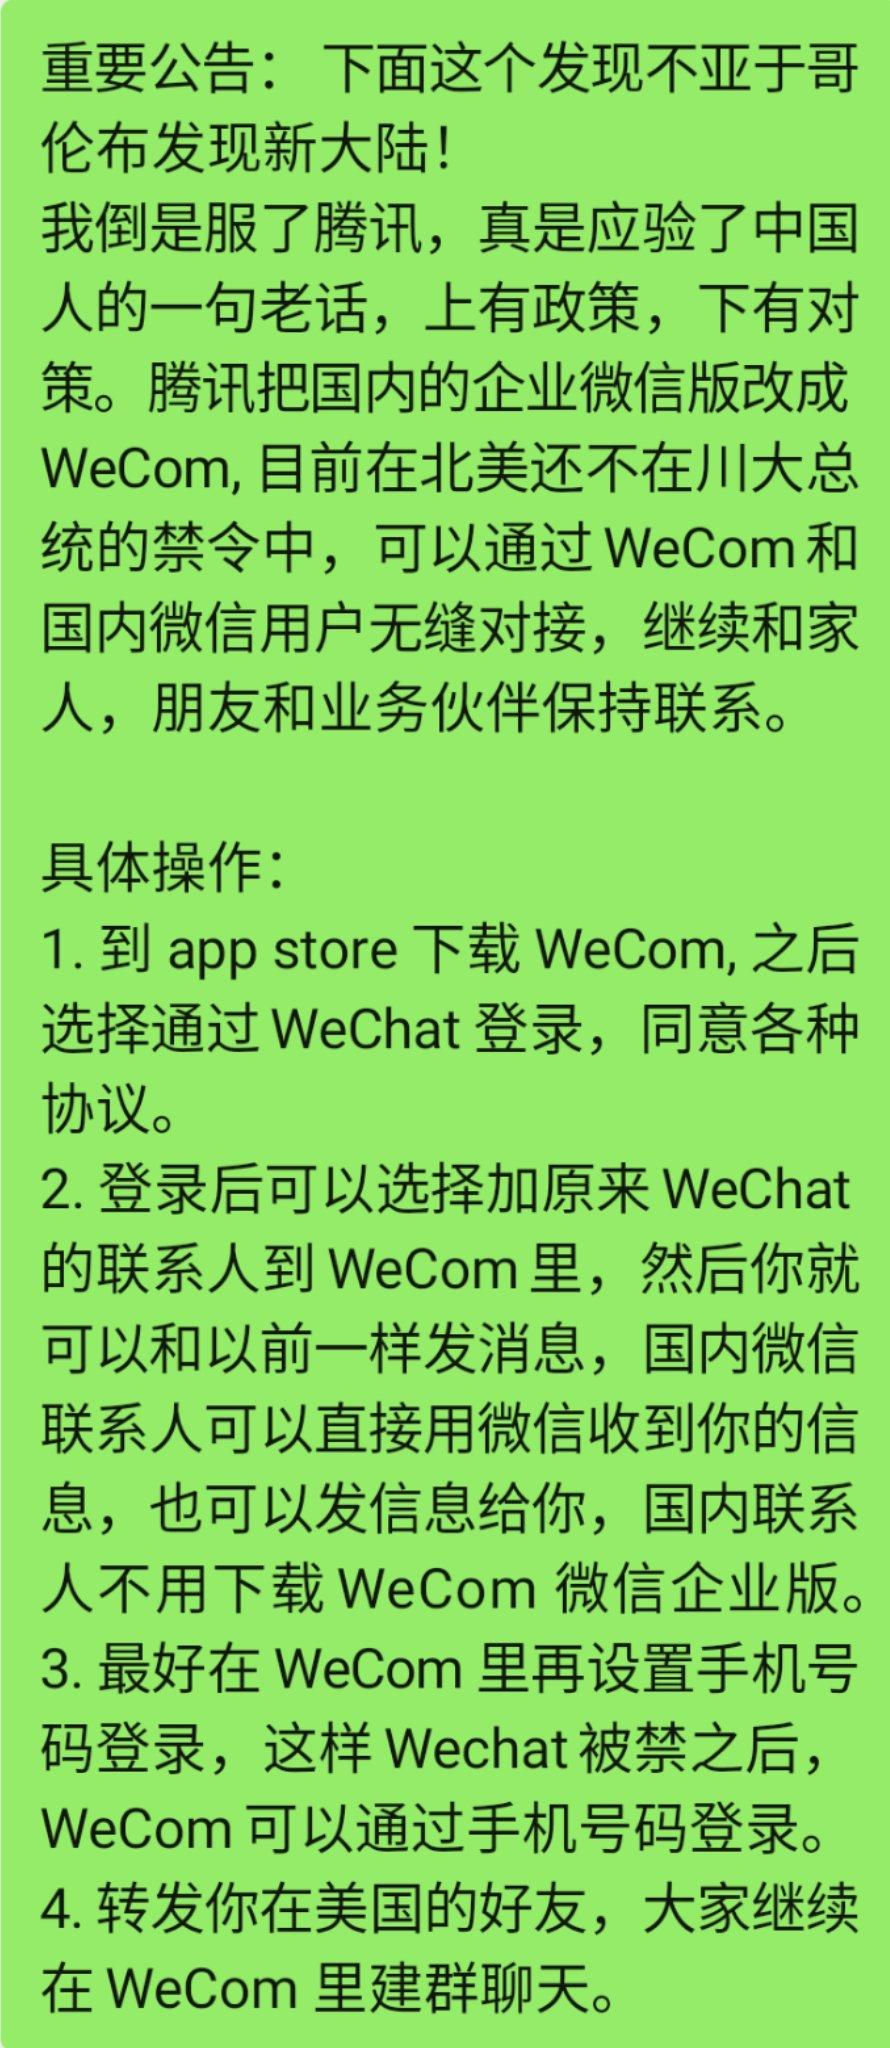 亲测有效:微信wechat在美国被禁用之后,如果用wecom和国内微信用户无缝对接